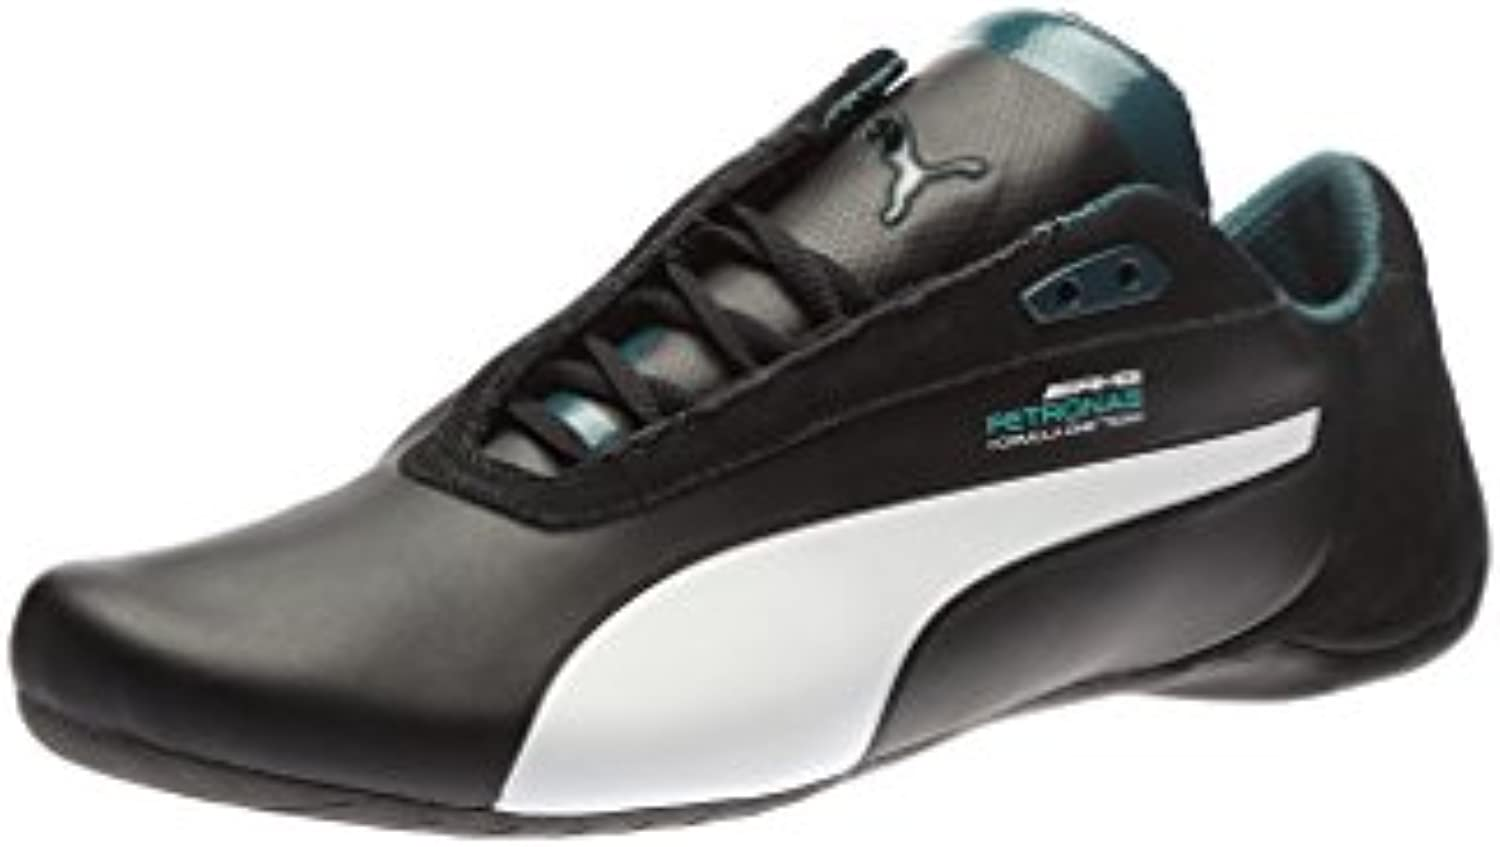 Donna  Uomo Puma Puma Puma scarpe da ginnastica Uomo Eccellente valore Vinci l'elogio dei clienti Buon diverdeimento   Prezzo basso  5b23fe